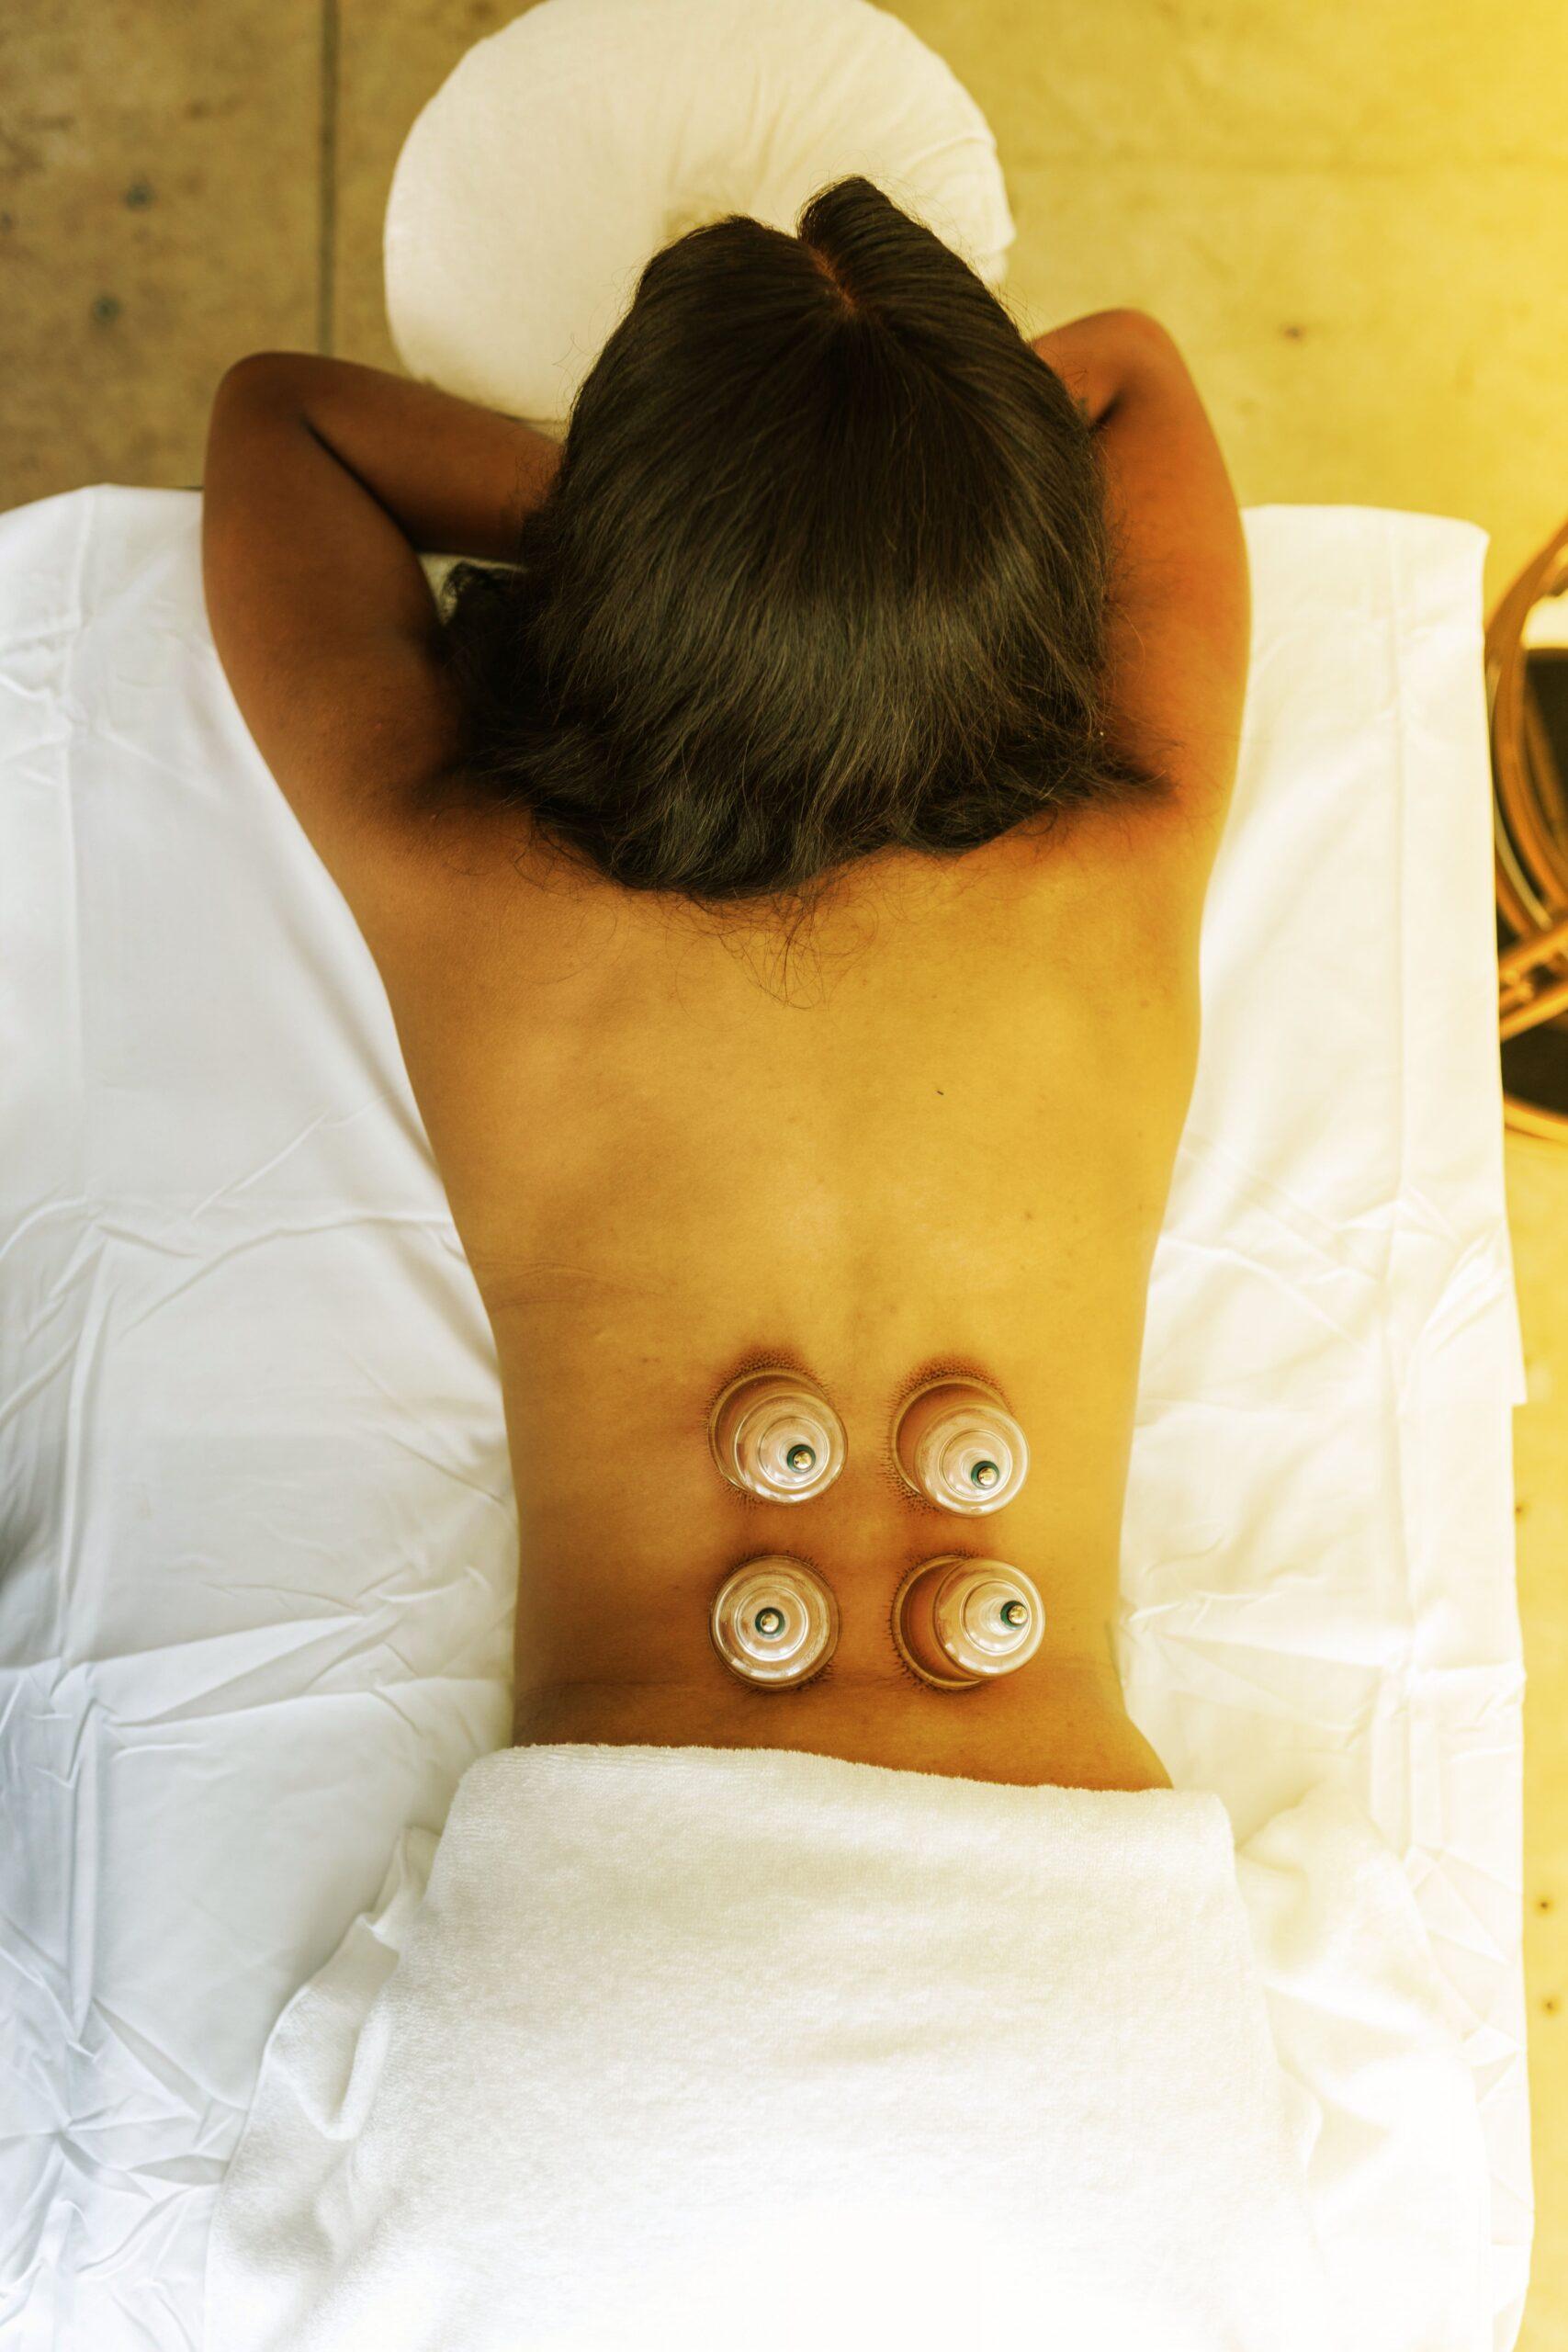 Woman lying on back enjoying a massage